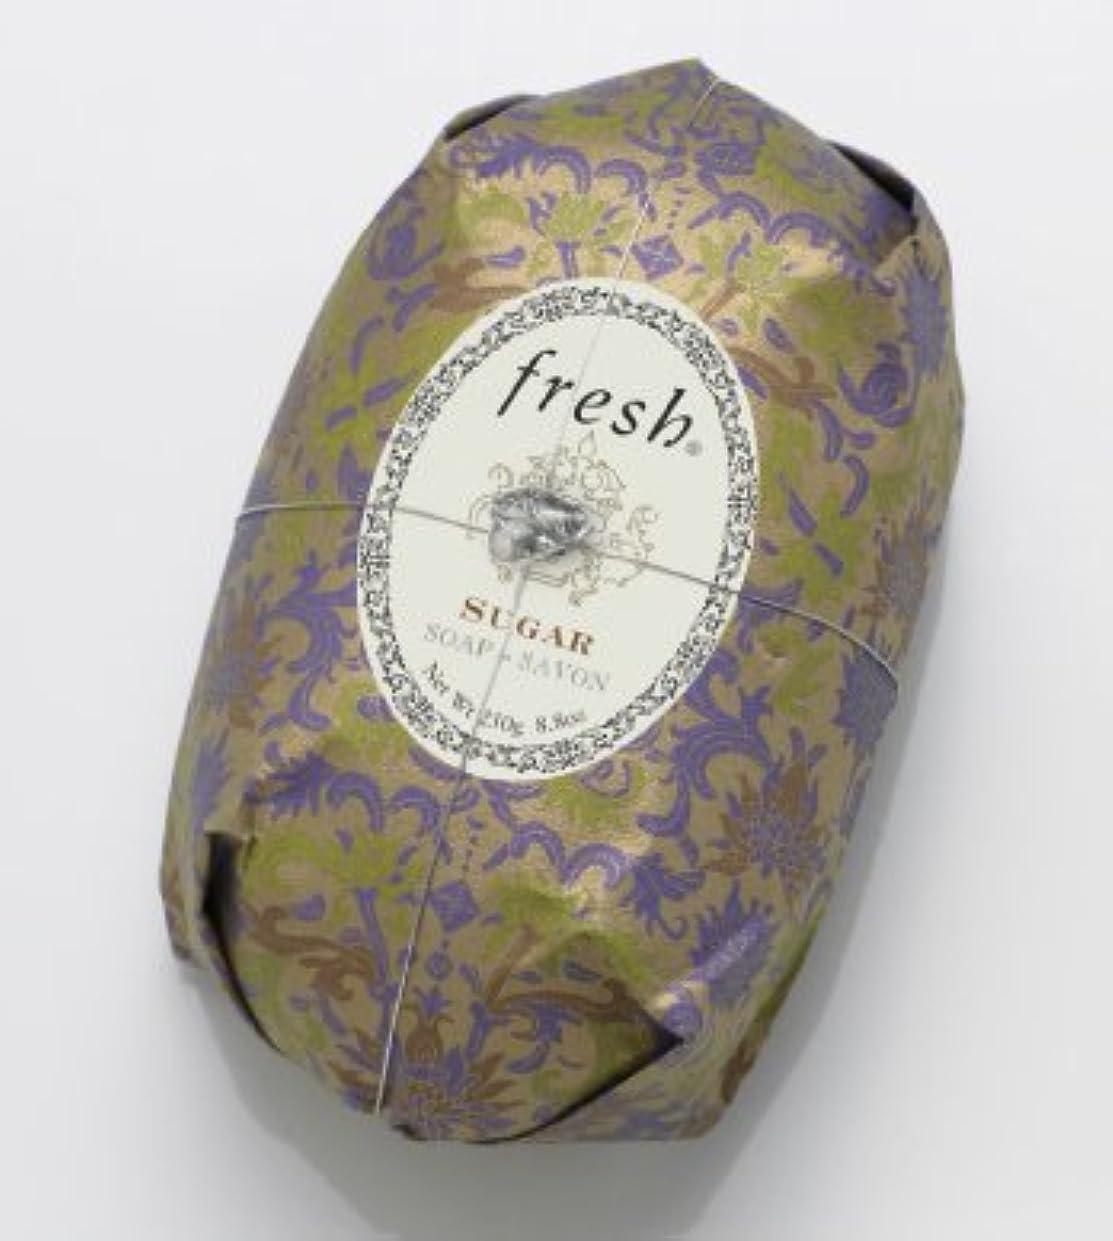 慎重知性フォーマルFresh SUGAR SOAP (フレッシュ シュガー ソープ) 8.8 oz (250g) Soap (石鹸) by Fresh